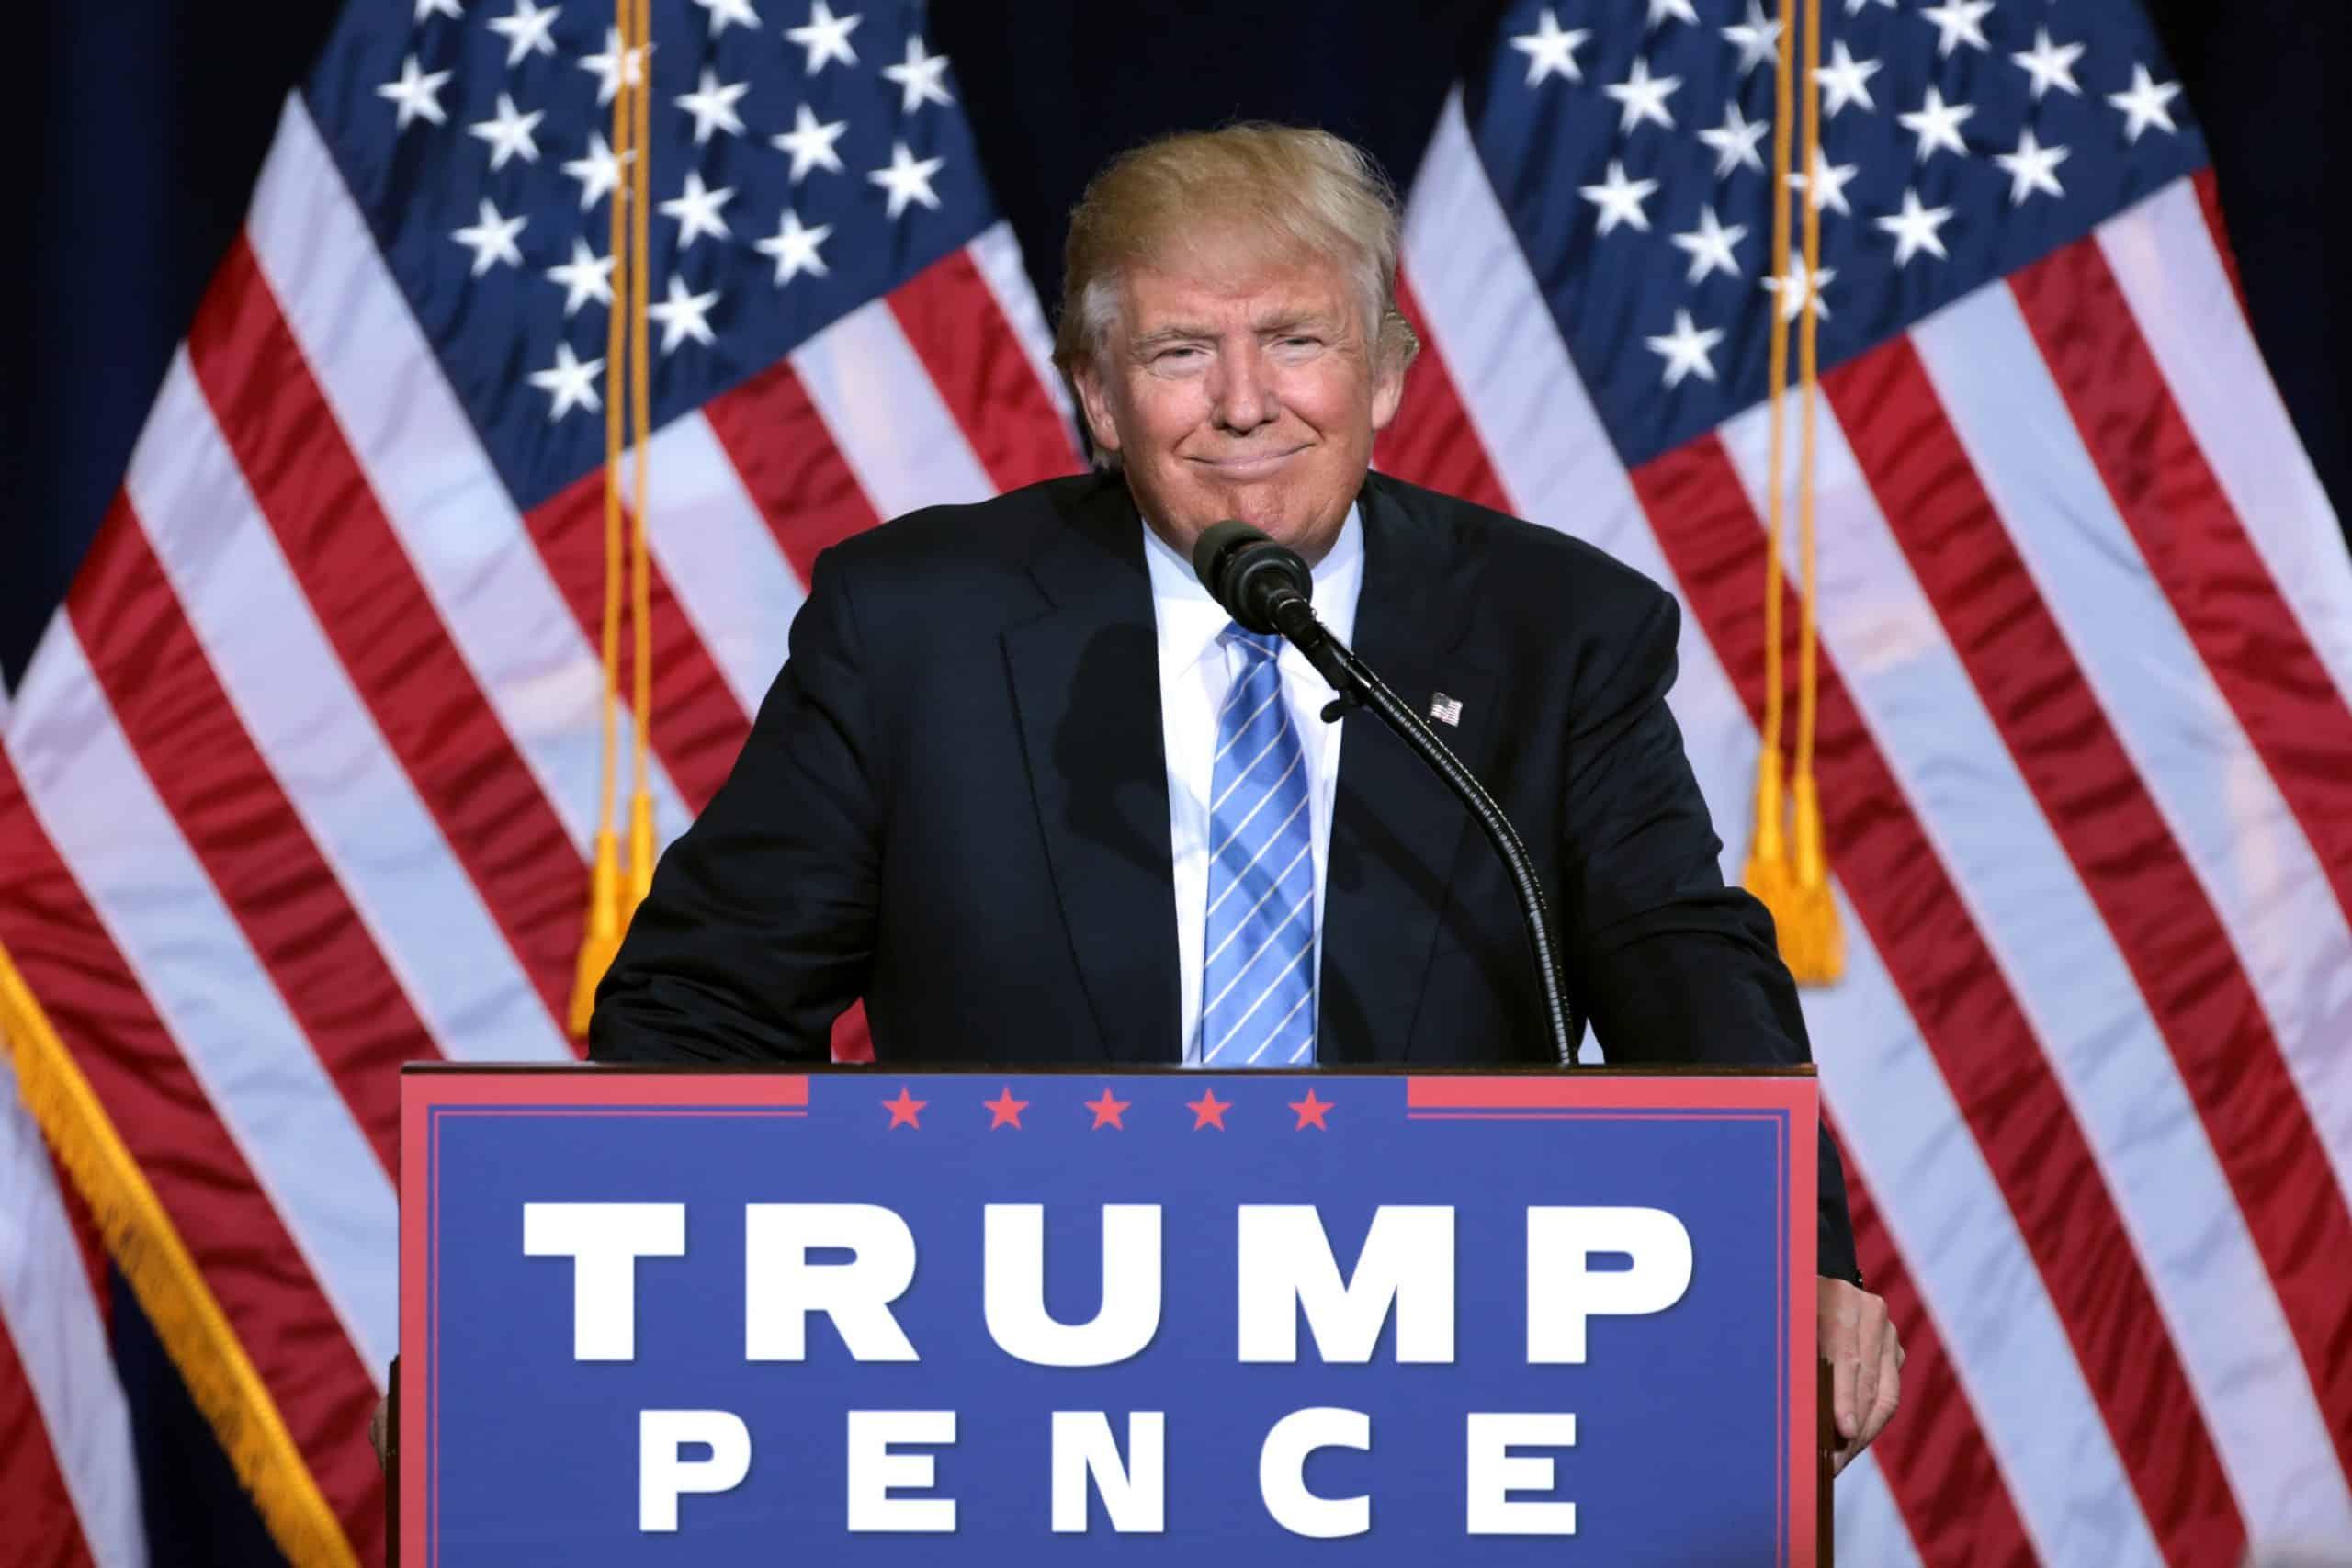 Трамп заработал миллионы долларов на оспаривании выборов — СМИ